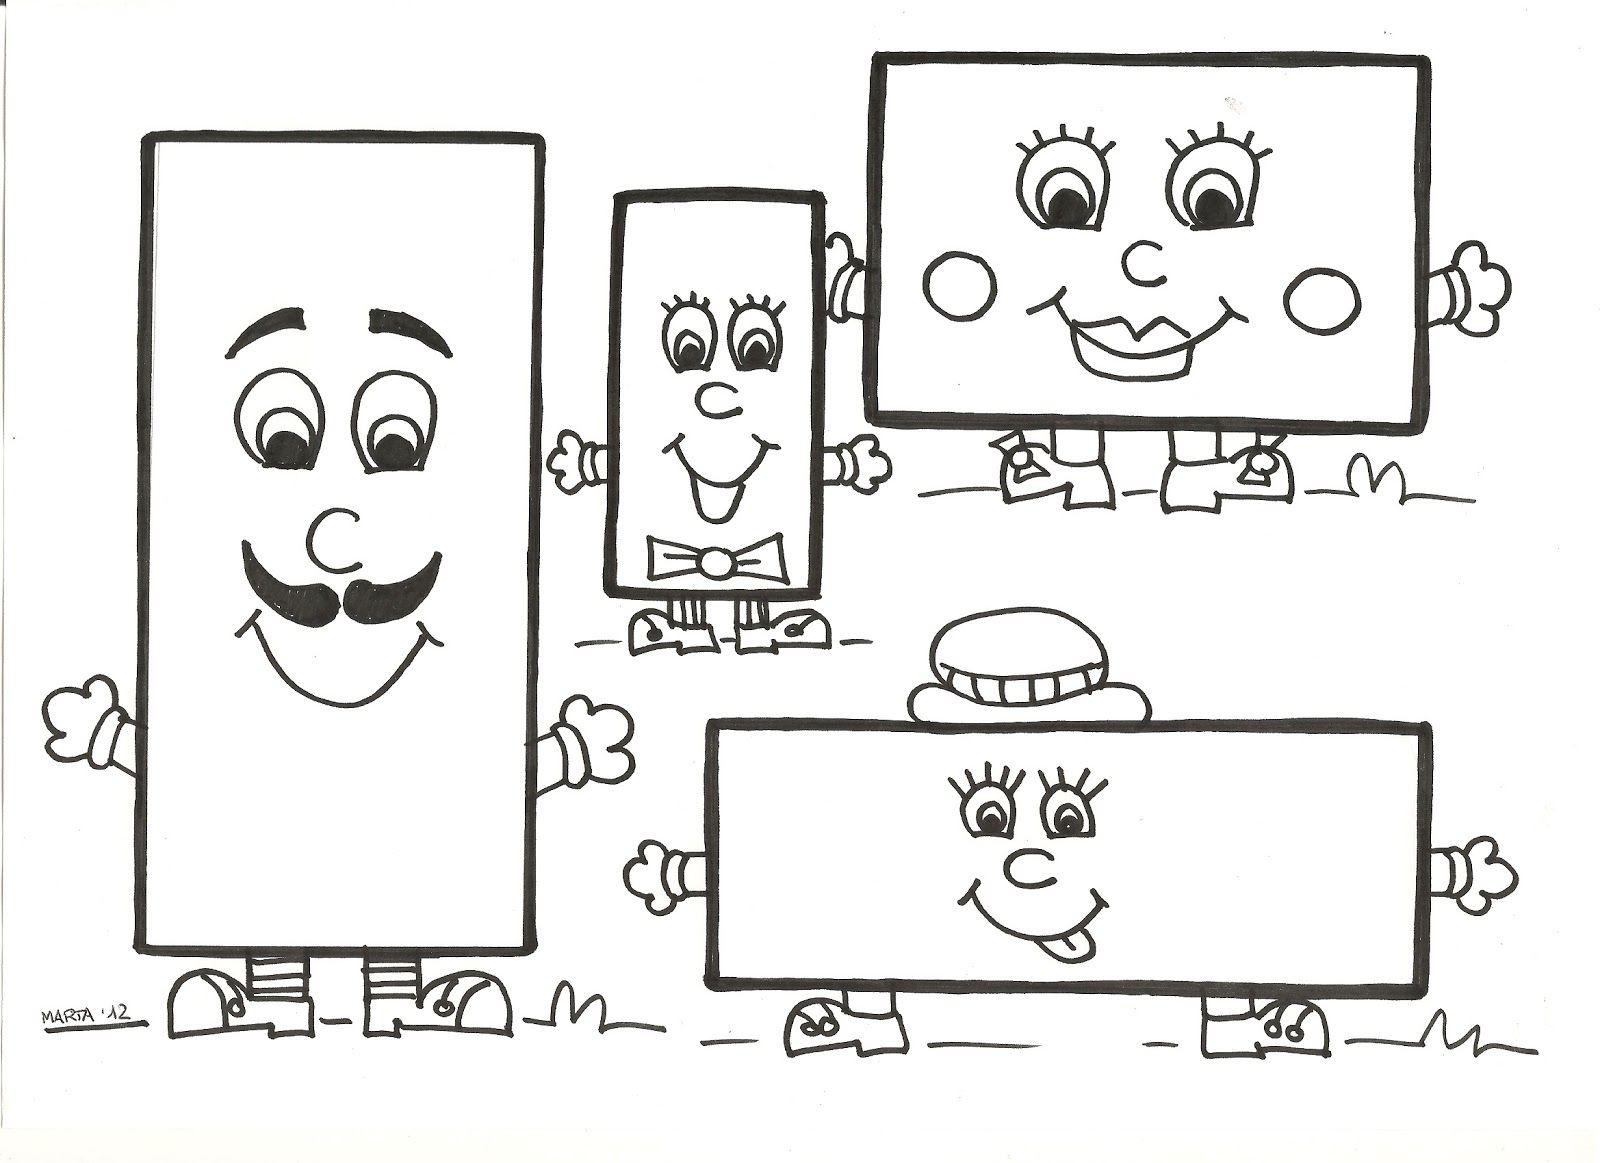 Cosetes D Infantil Imatges Conte Del Rectangle